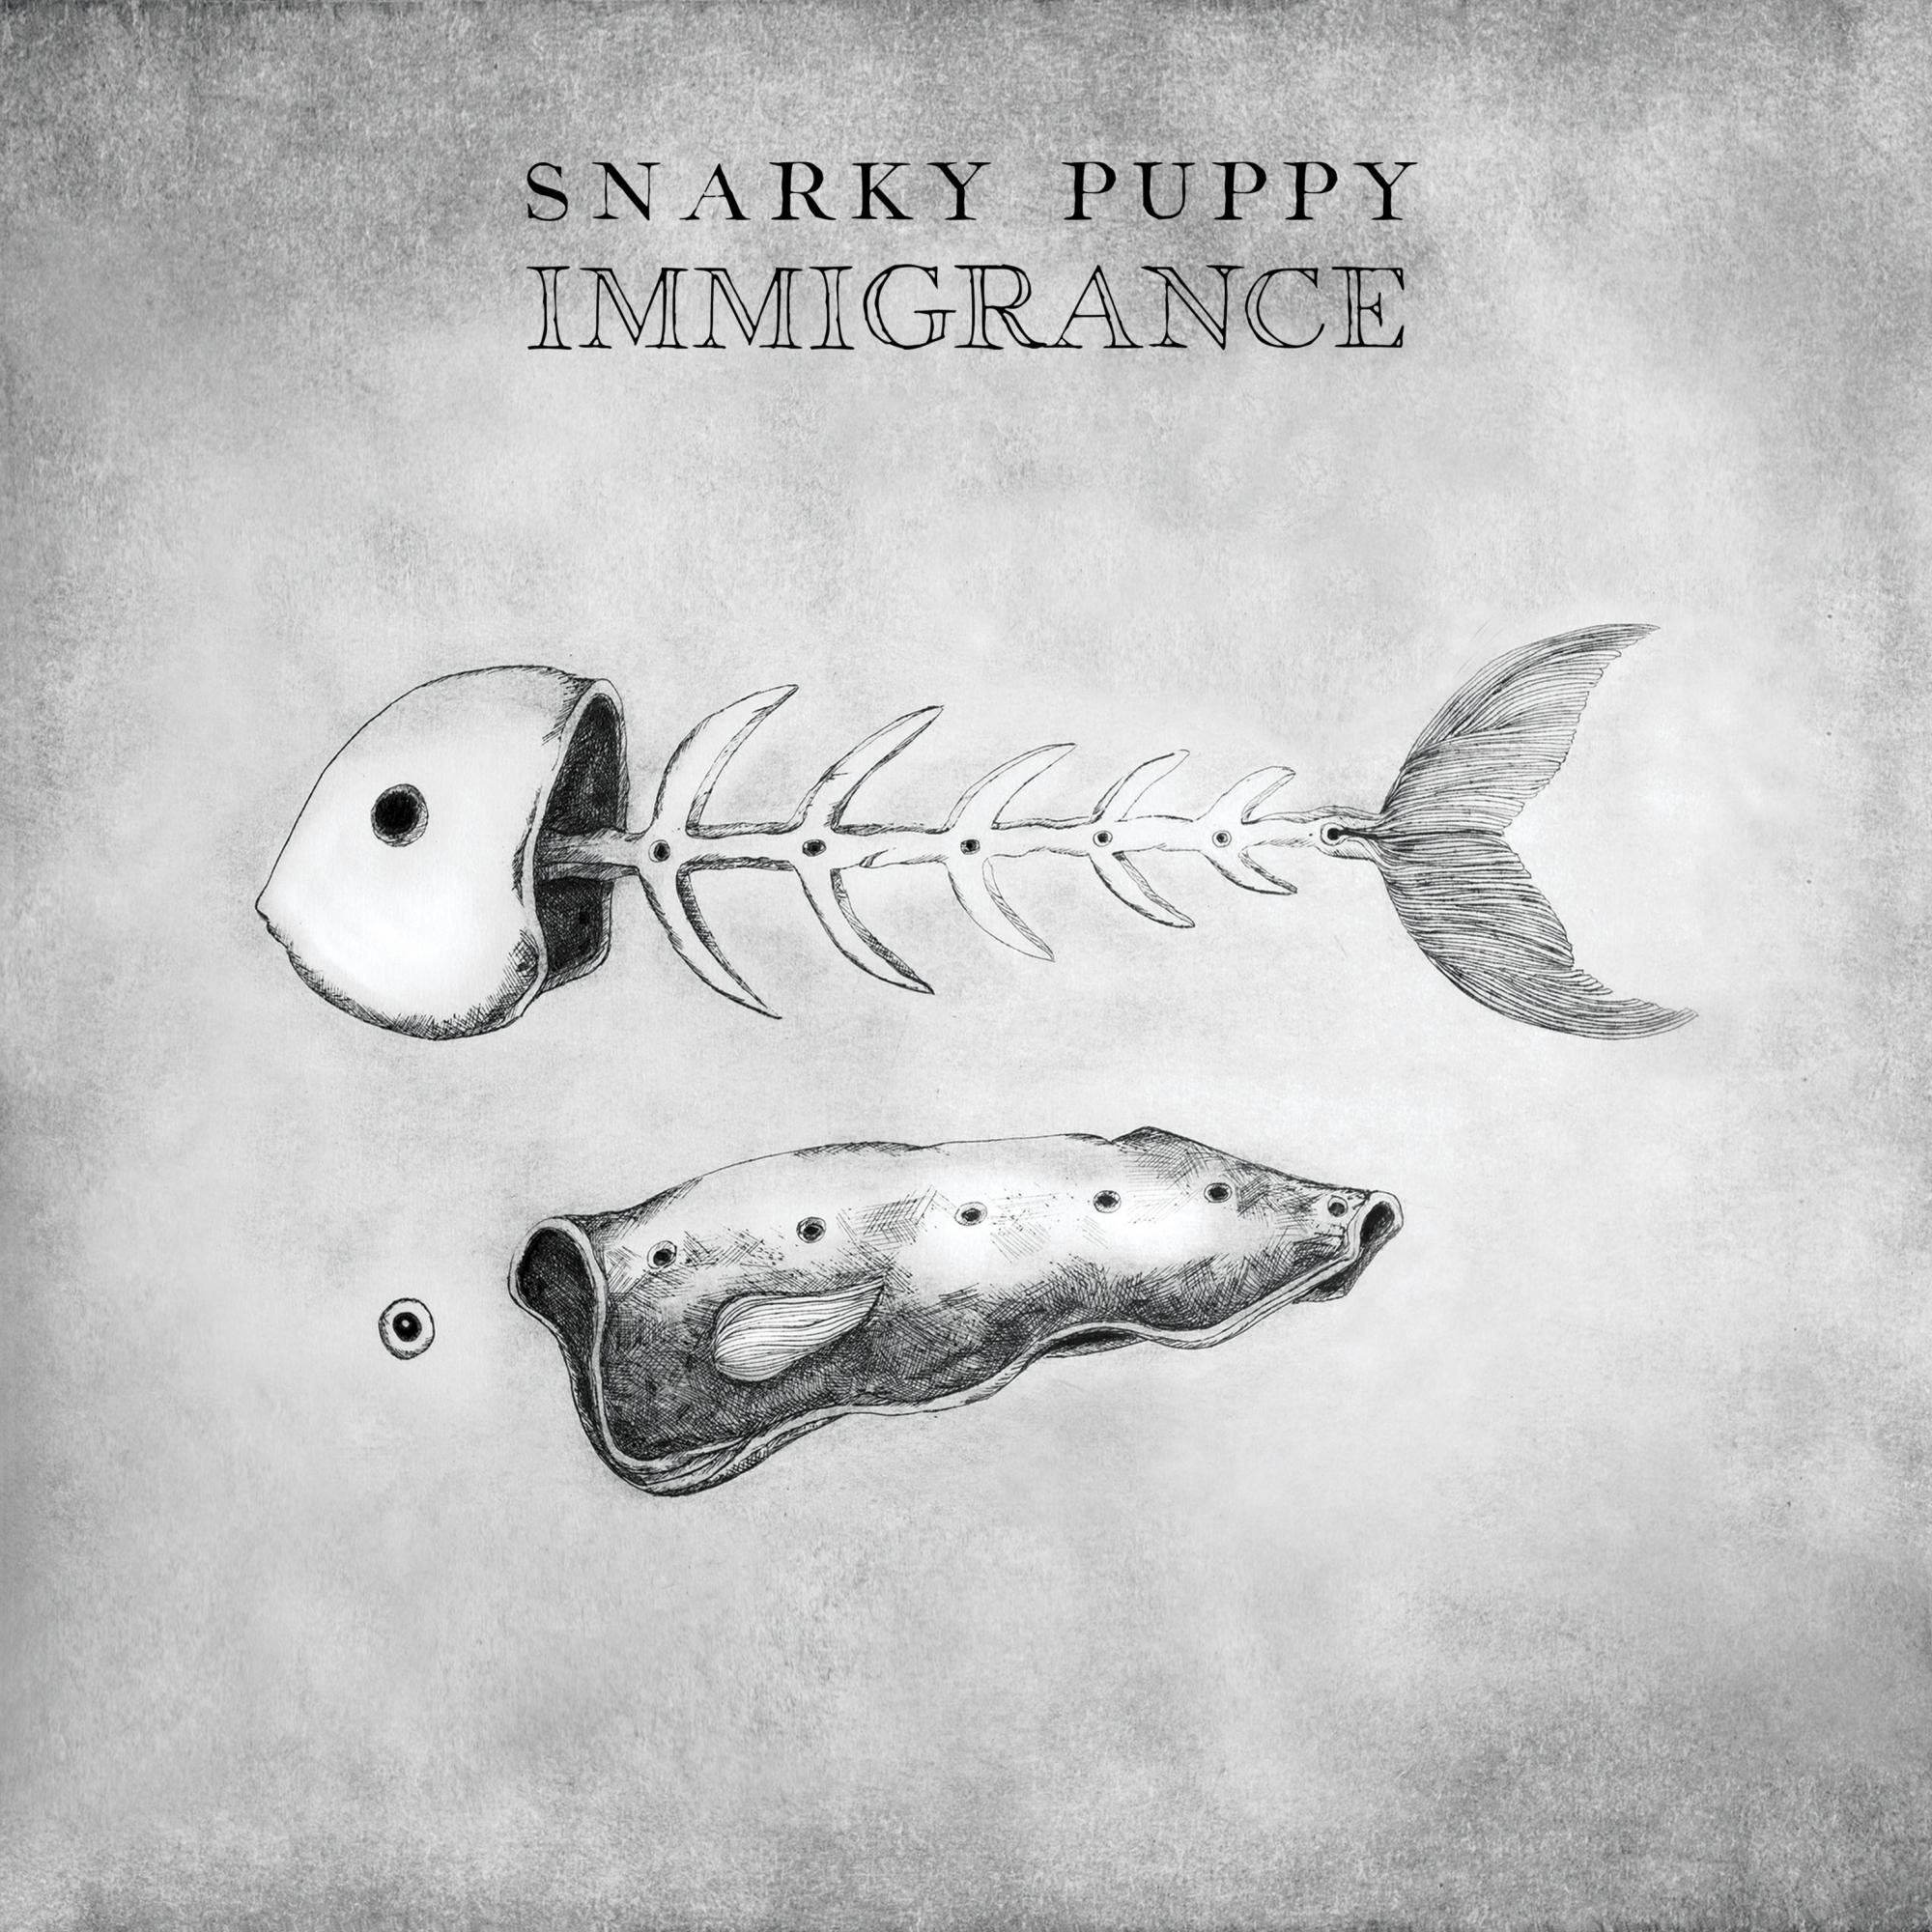 snarky puppy.jpg